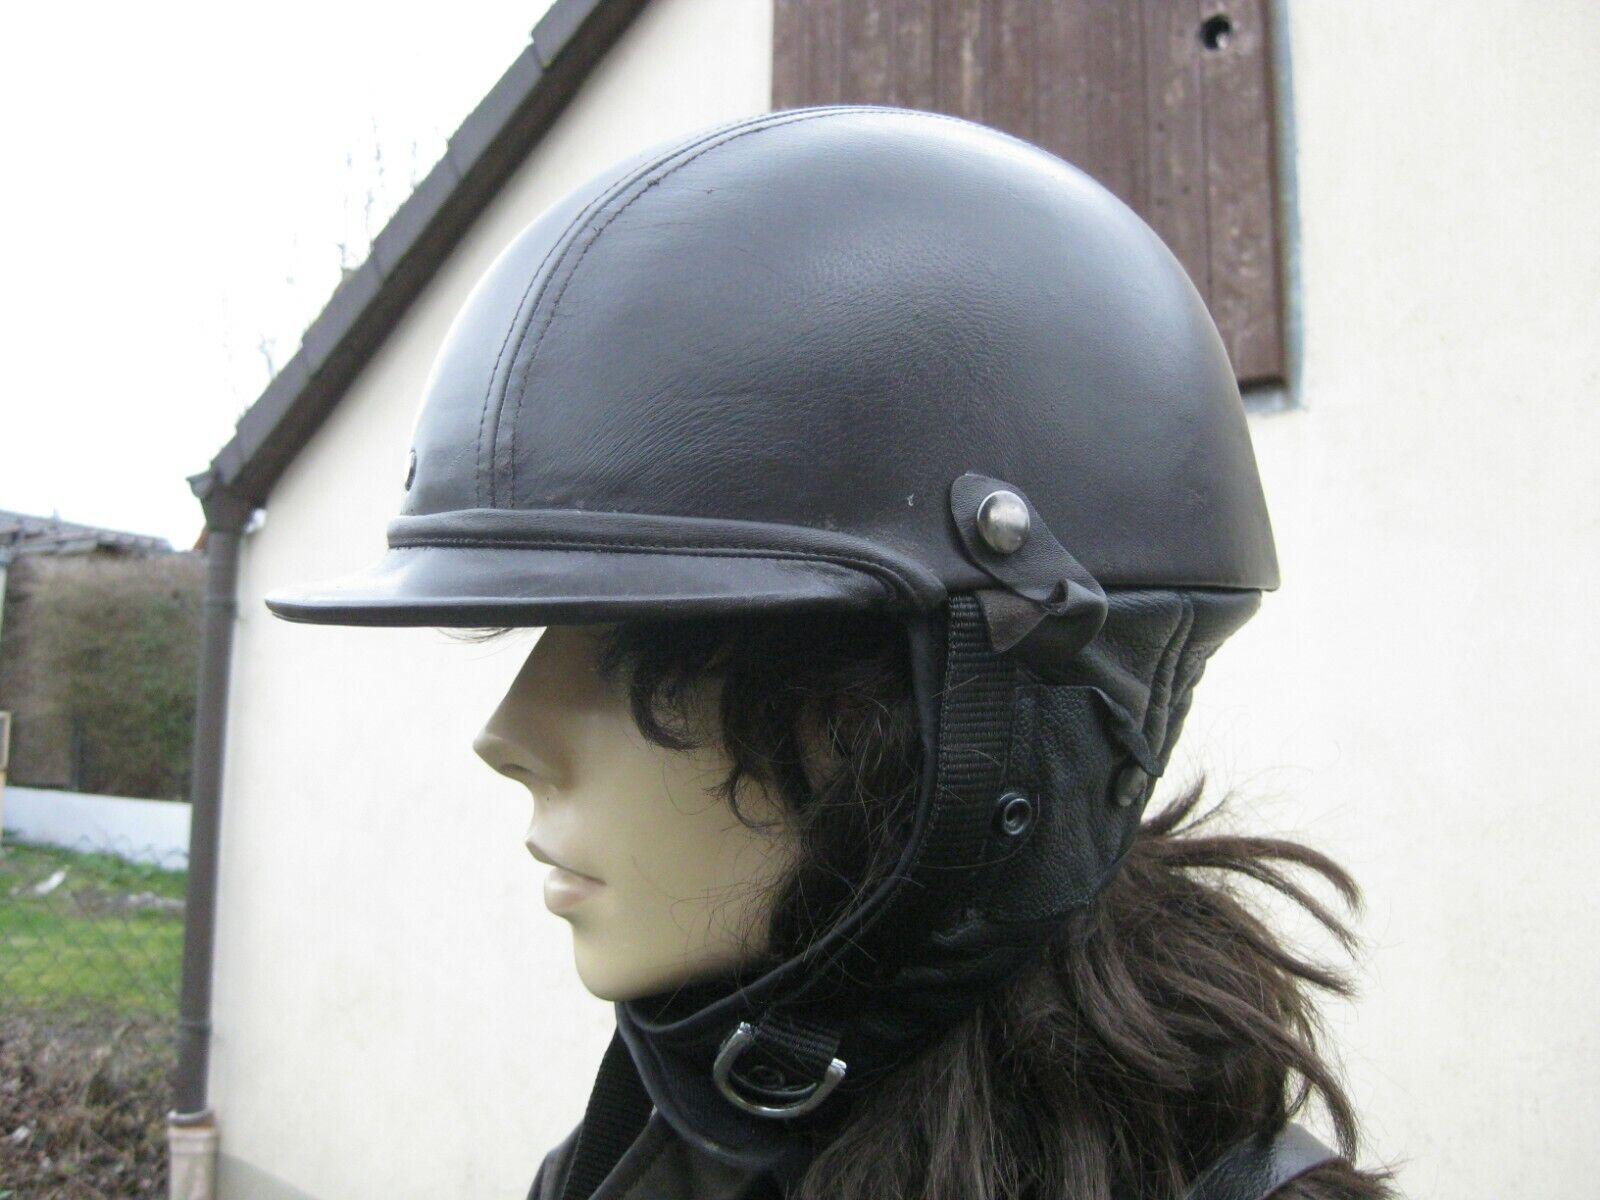 VINTAGE glasfiber casco con ricoperti in pelle